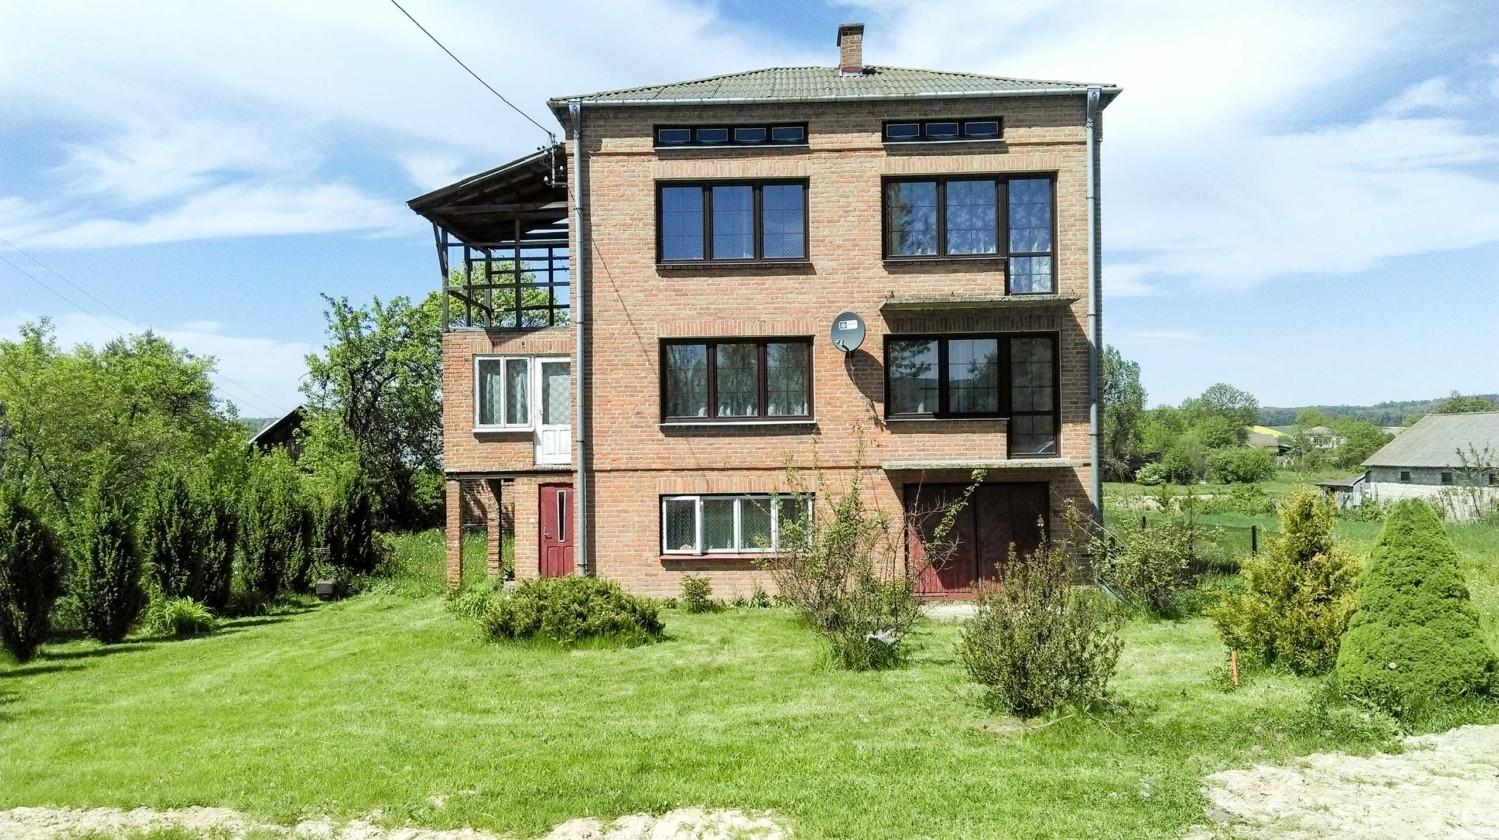 dom - Nieruchomości Krzysztof Górski Zamość, biuro nieruchomości, domy, mieszkania, działki, lokale, sprzedaż nieruchomości, wynajem nieruchomości